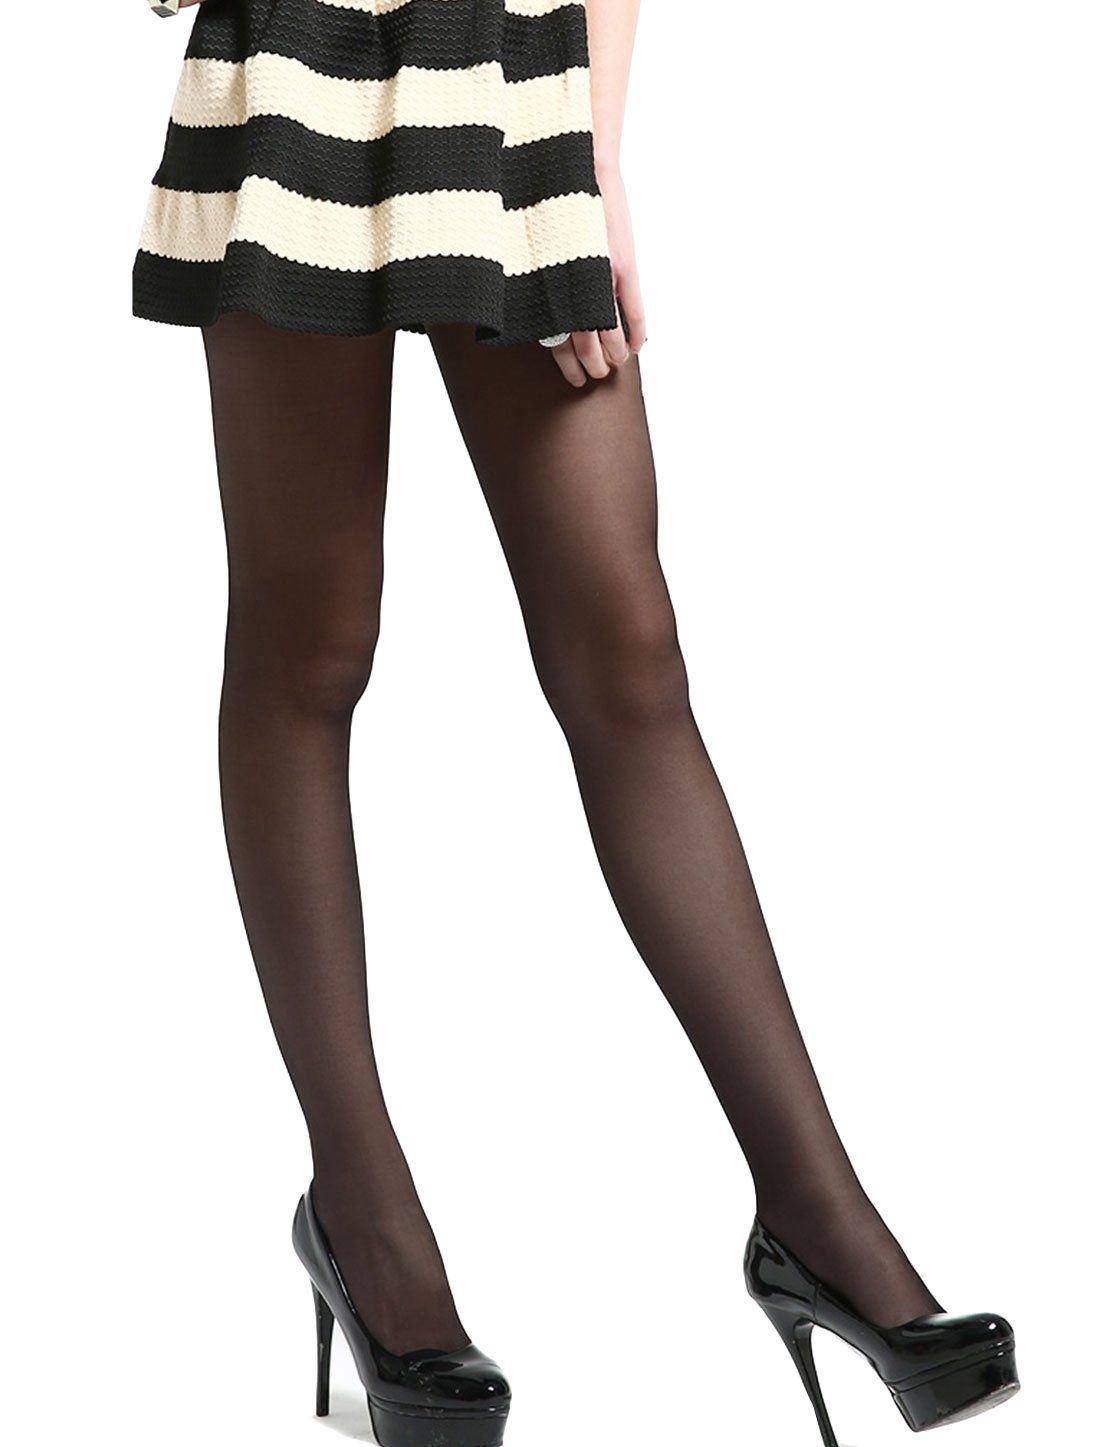 Unique women pantyhose